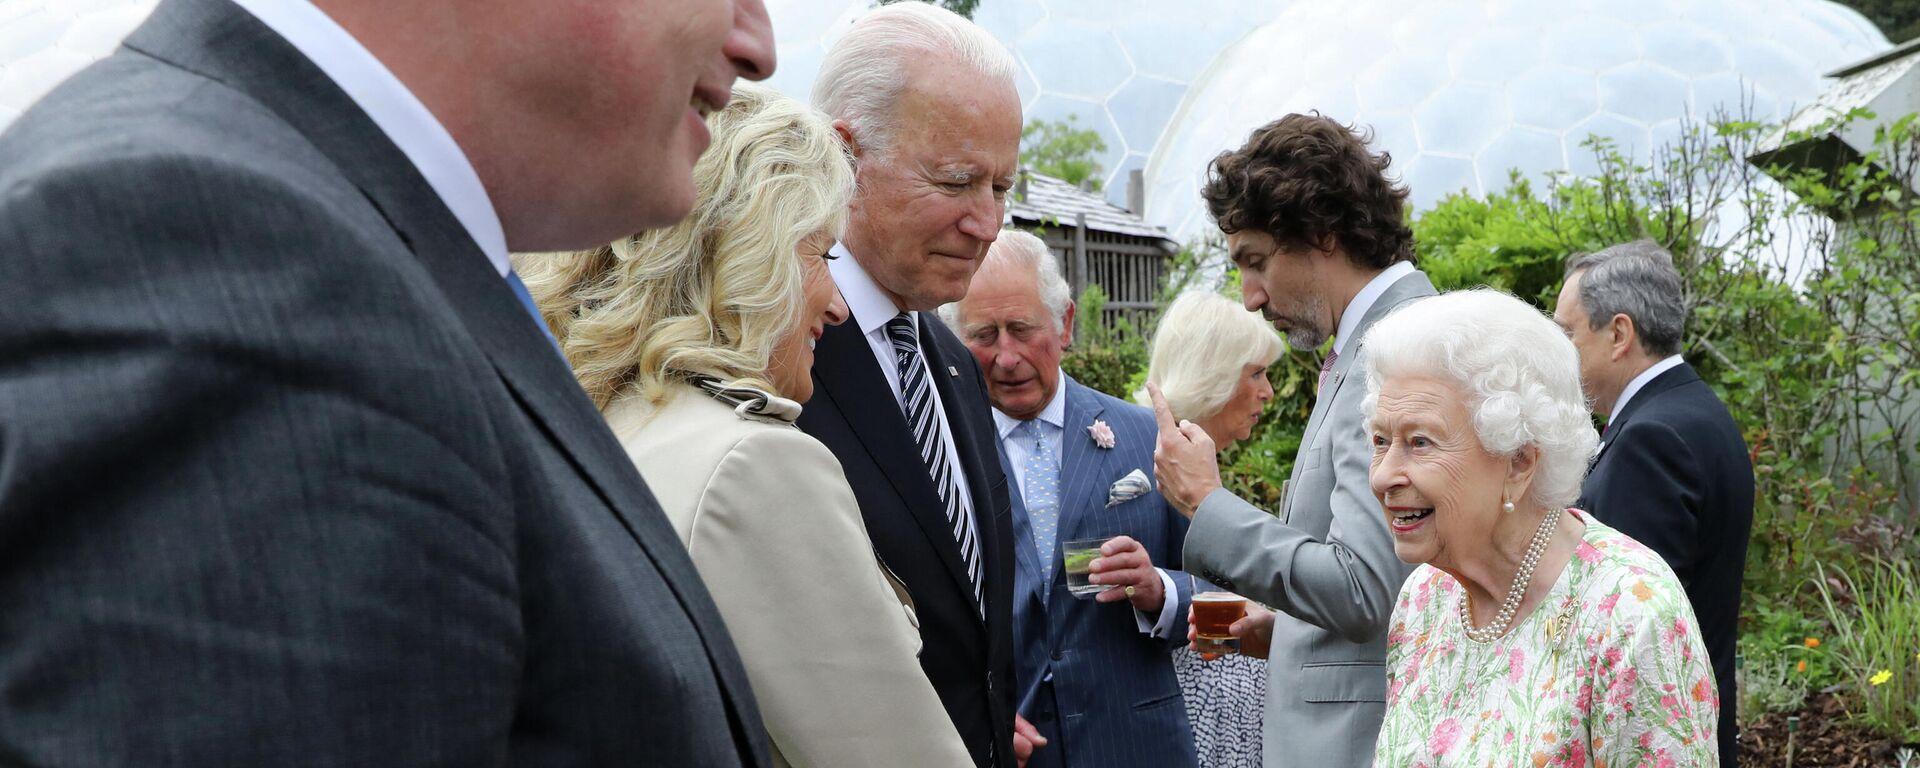 La reina británica Isabel II saluda a Joe Biden, presidente de EEUU, y su esposa, Jill Biden, durante un evento en el marco de la 47 cumbre del G7 - Sputnik Mundo, 1920, 13.06.2021